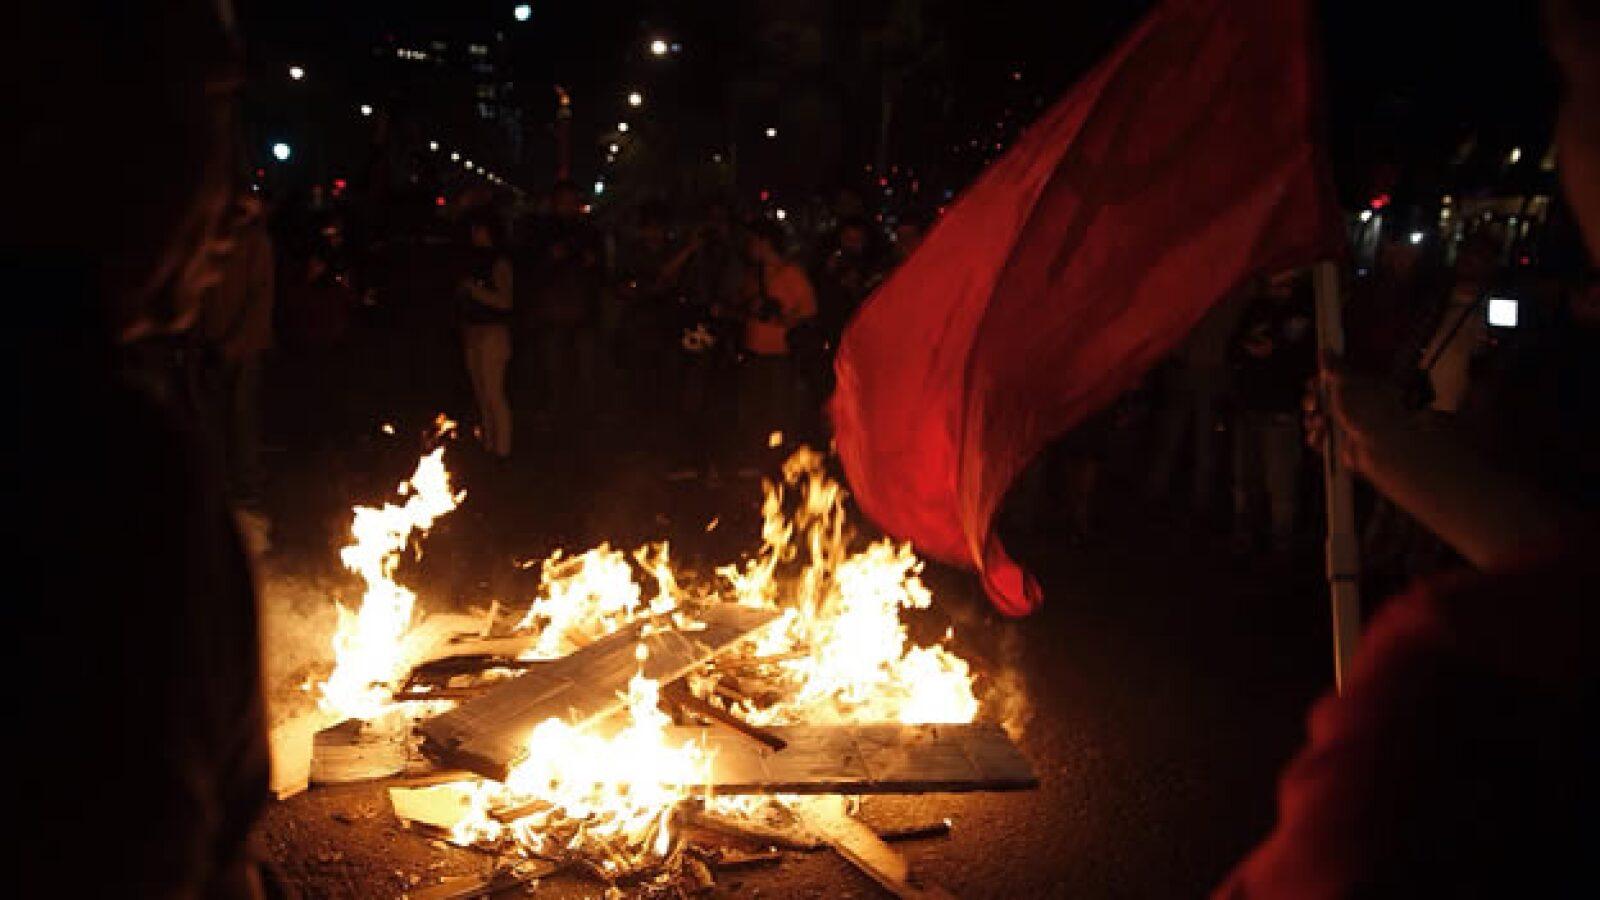 Un grupo de personas queman objetos durante la manifestación en el centro de la Ciudad de México este lunes